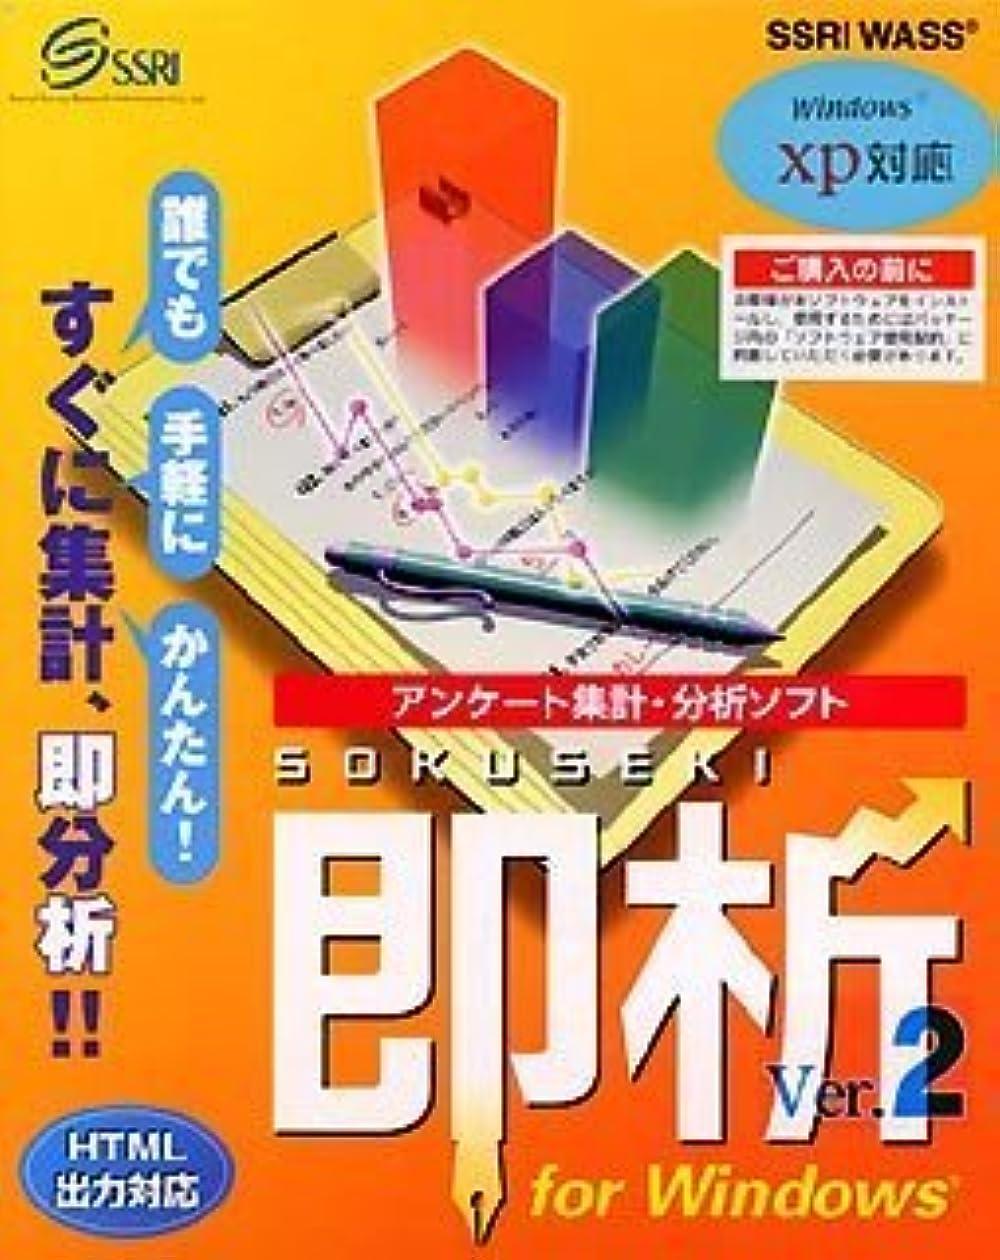 シャー松勇気即析 Ver.2 for Windows